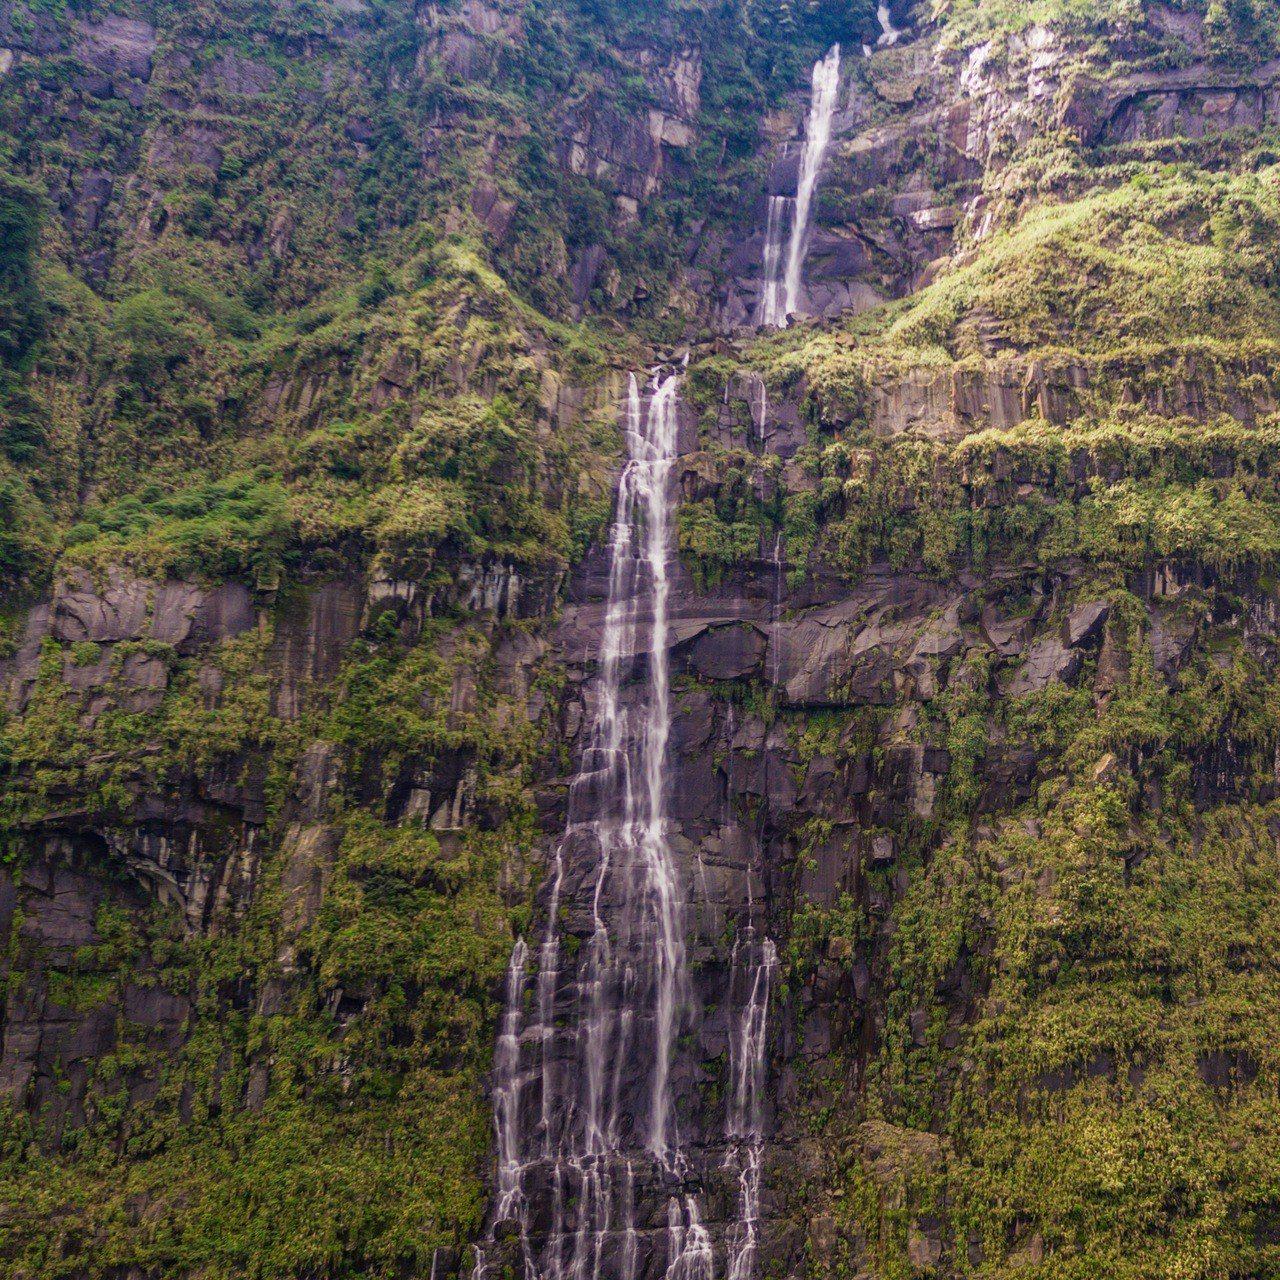 梅雨豐沛,阿里山鄉豐山村東北方上游溪谷的天雲谷瀑布,水量充沛,氣勢磅礡,十分雄偉...